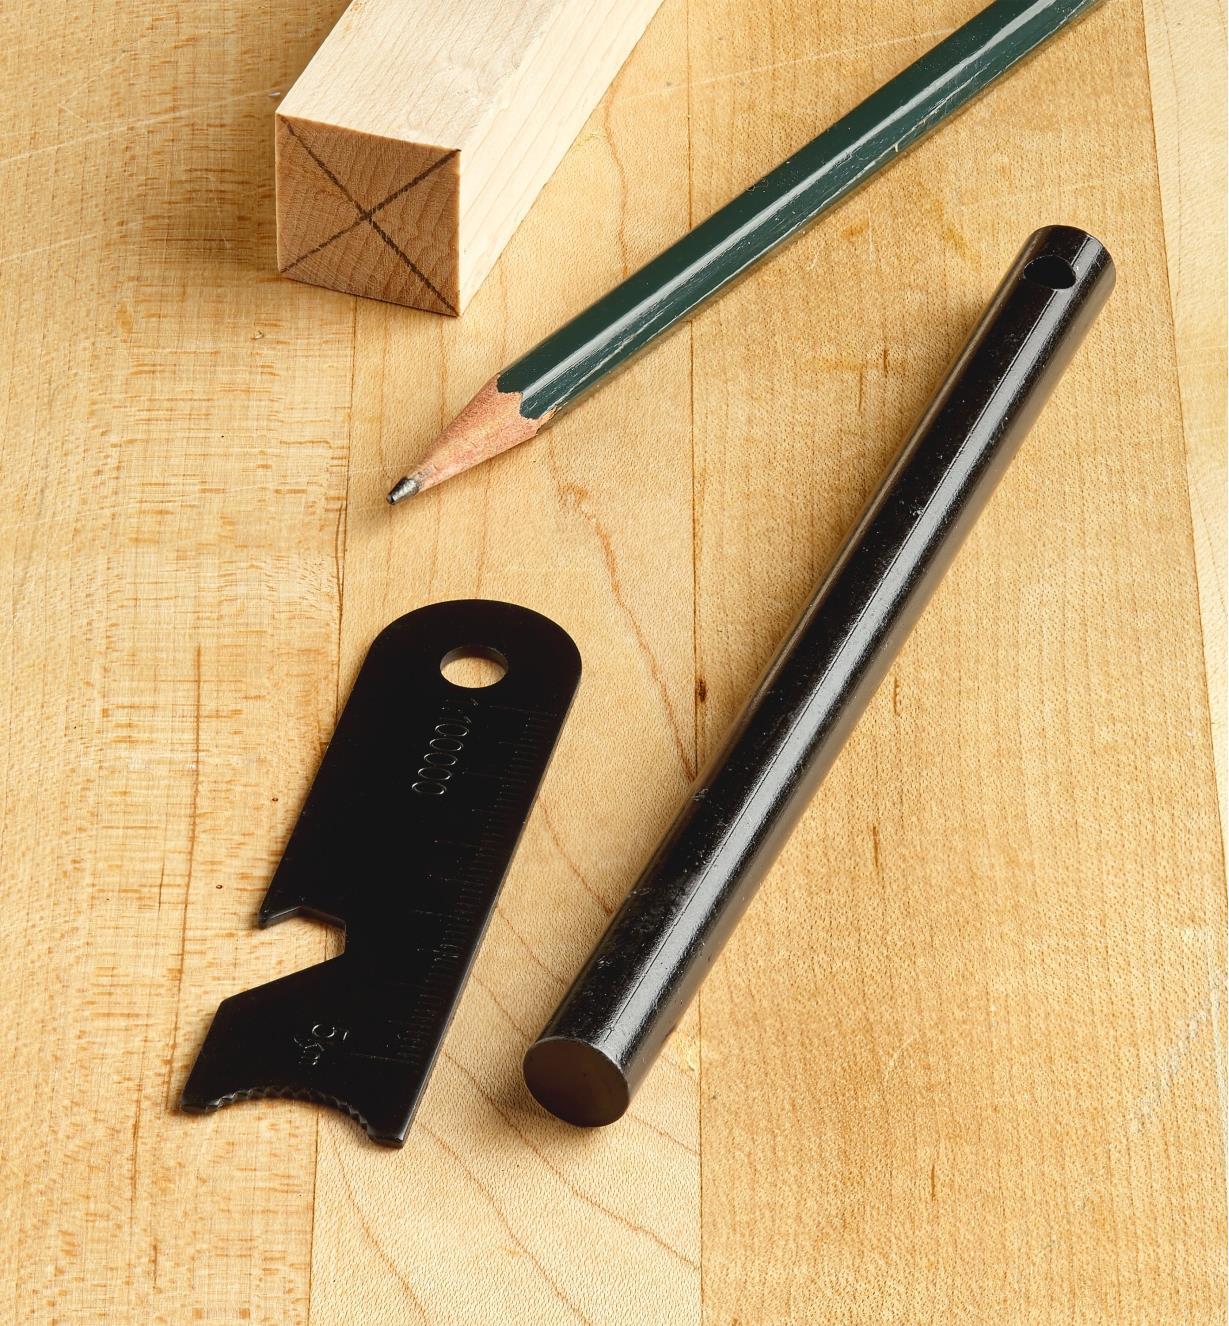 Allume-feu et percuteur près d'un crayon à titre de référence